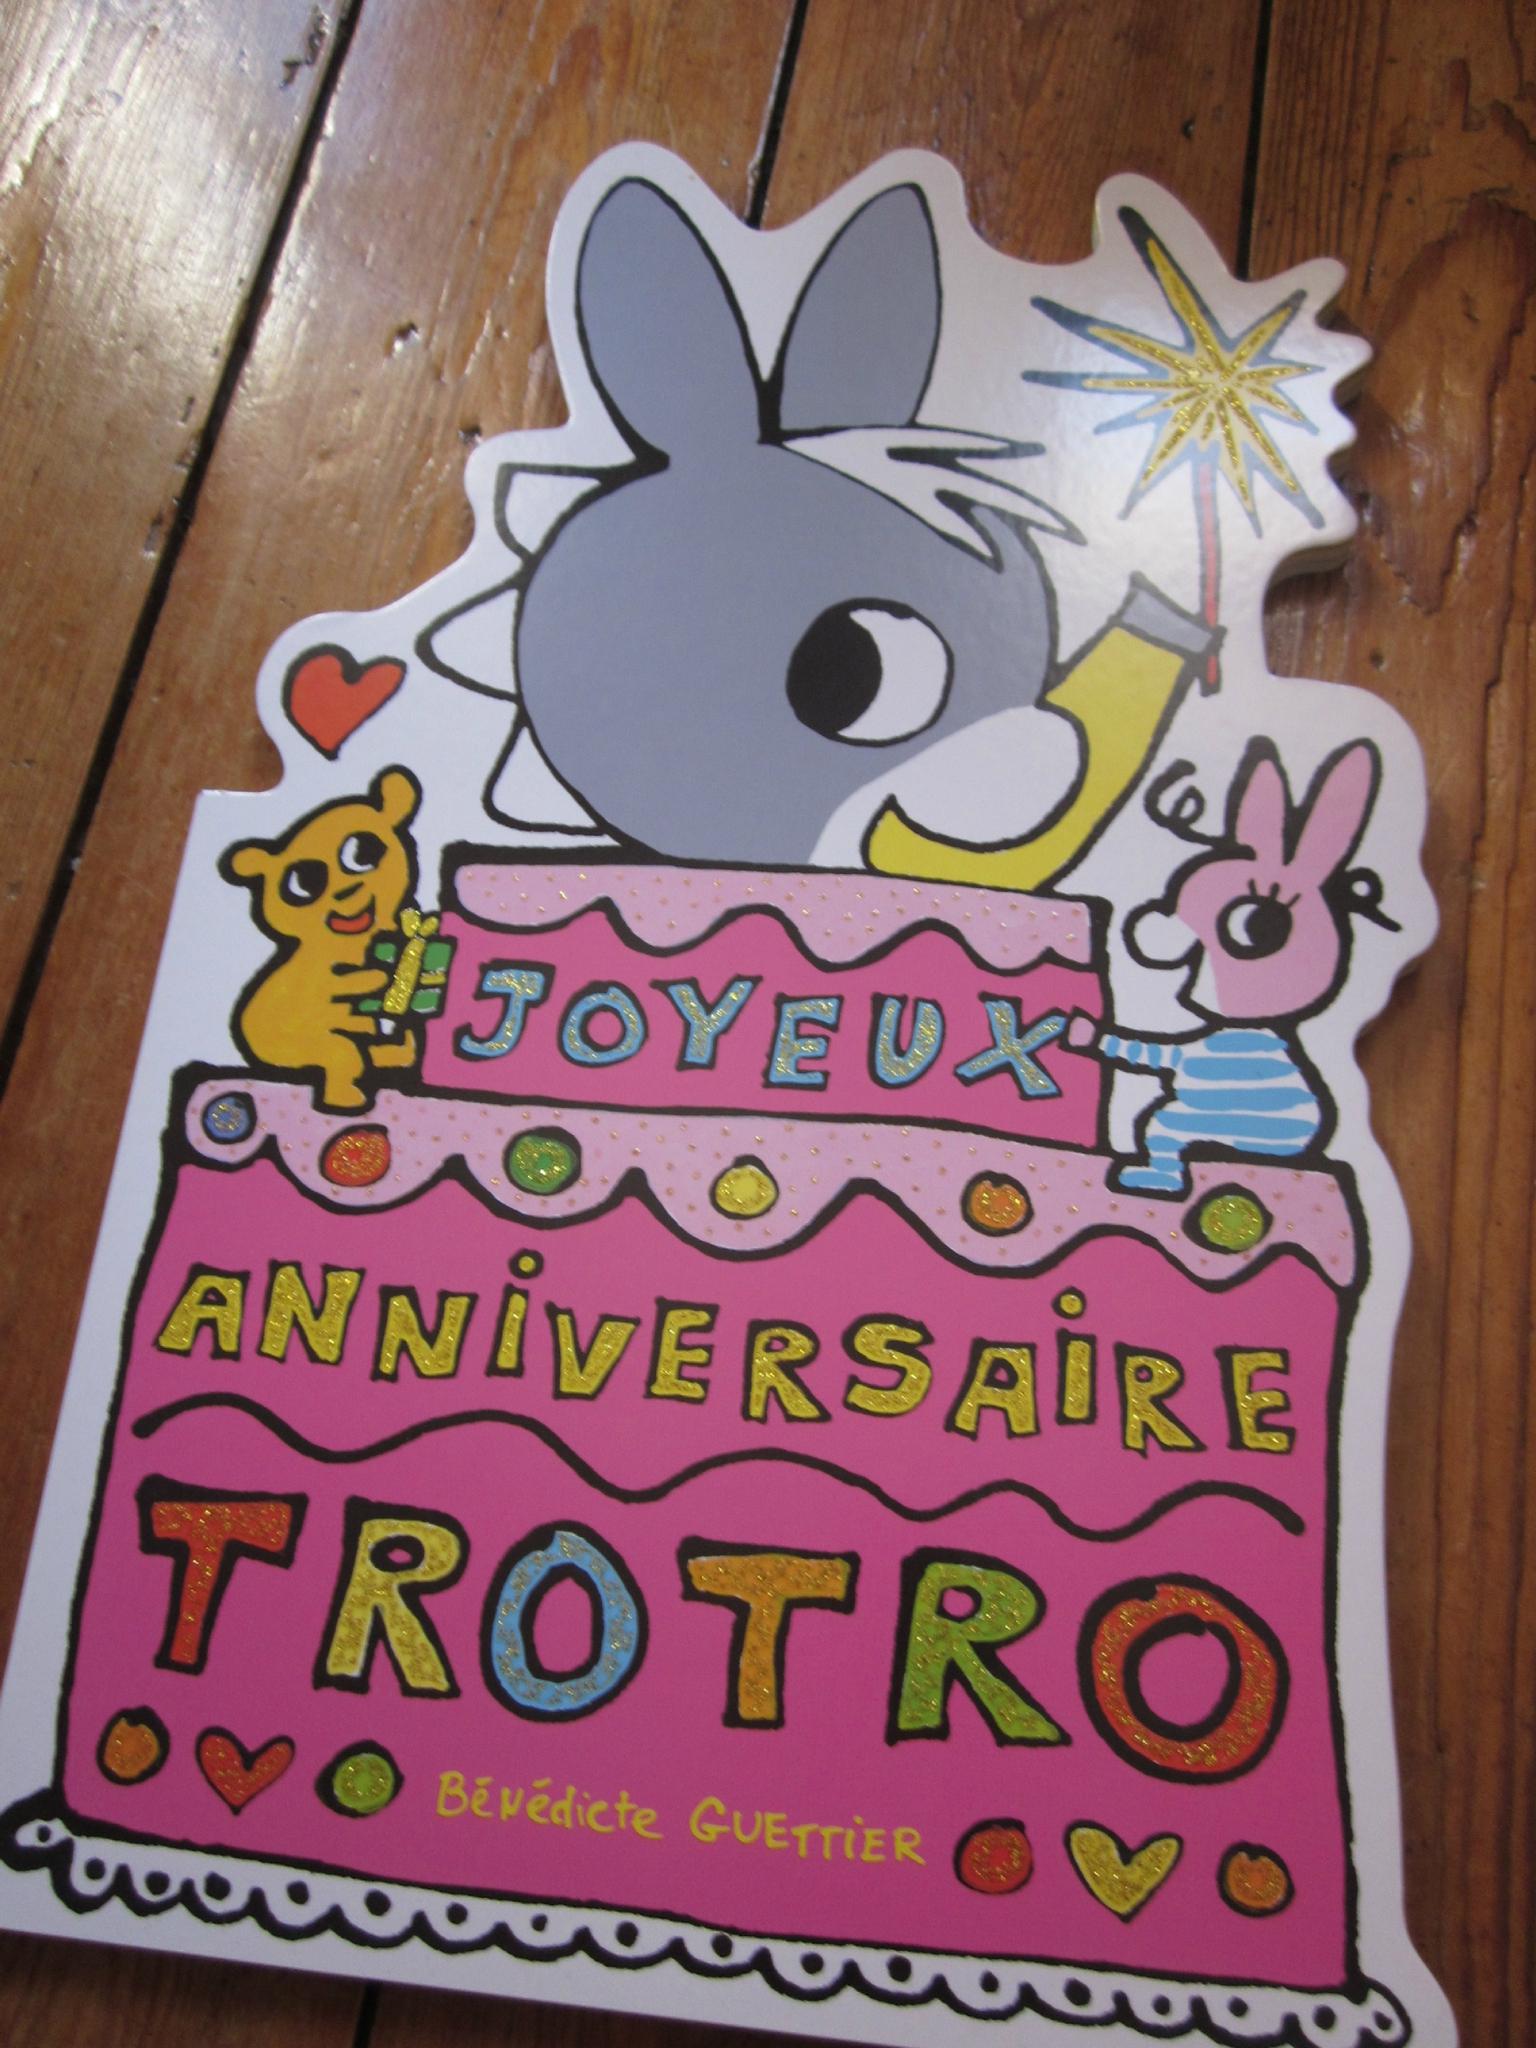 Joyeux Anniversaire Trotro, De Bénédicte Guettier - Les Mots à Nouveau Trotro